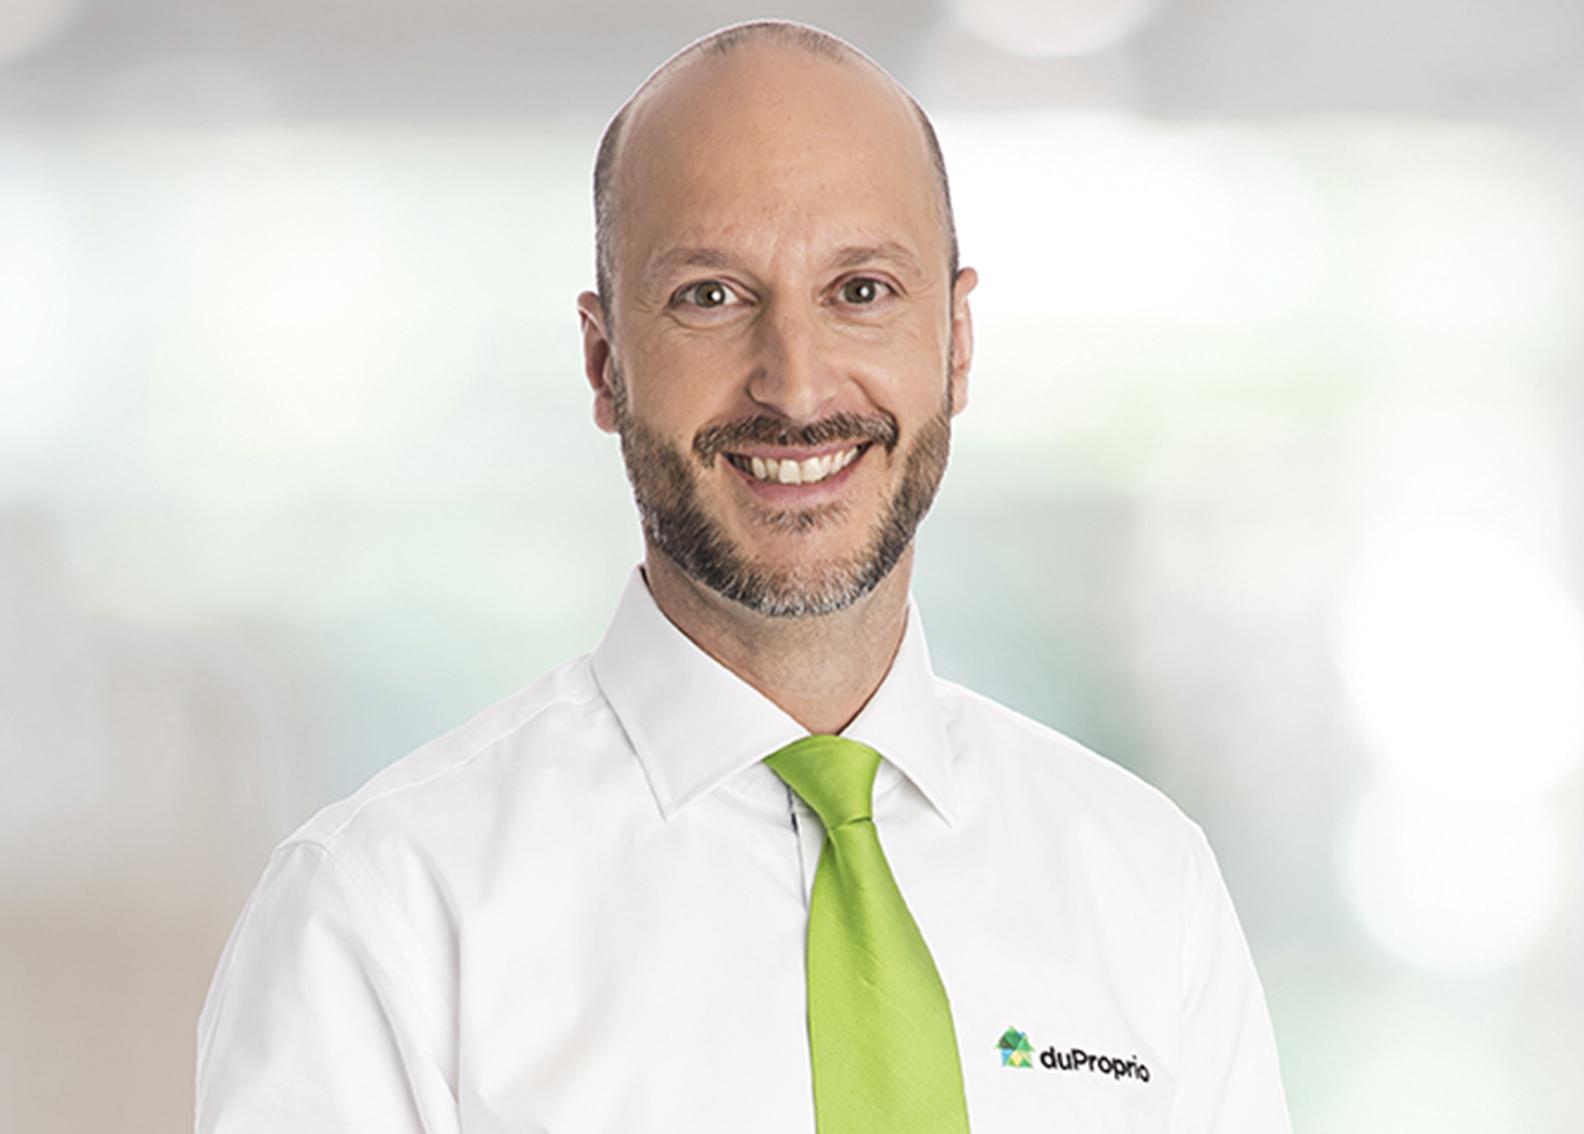 Martin Desfossés, Coach immobilier chez Du Proprio